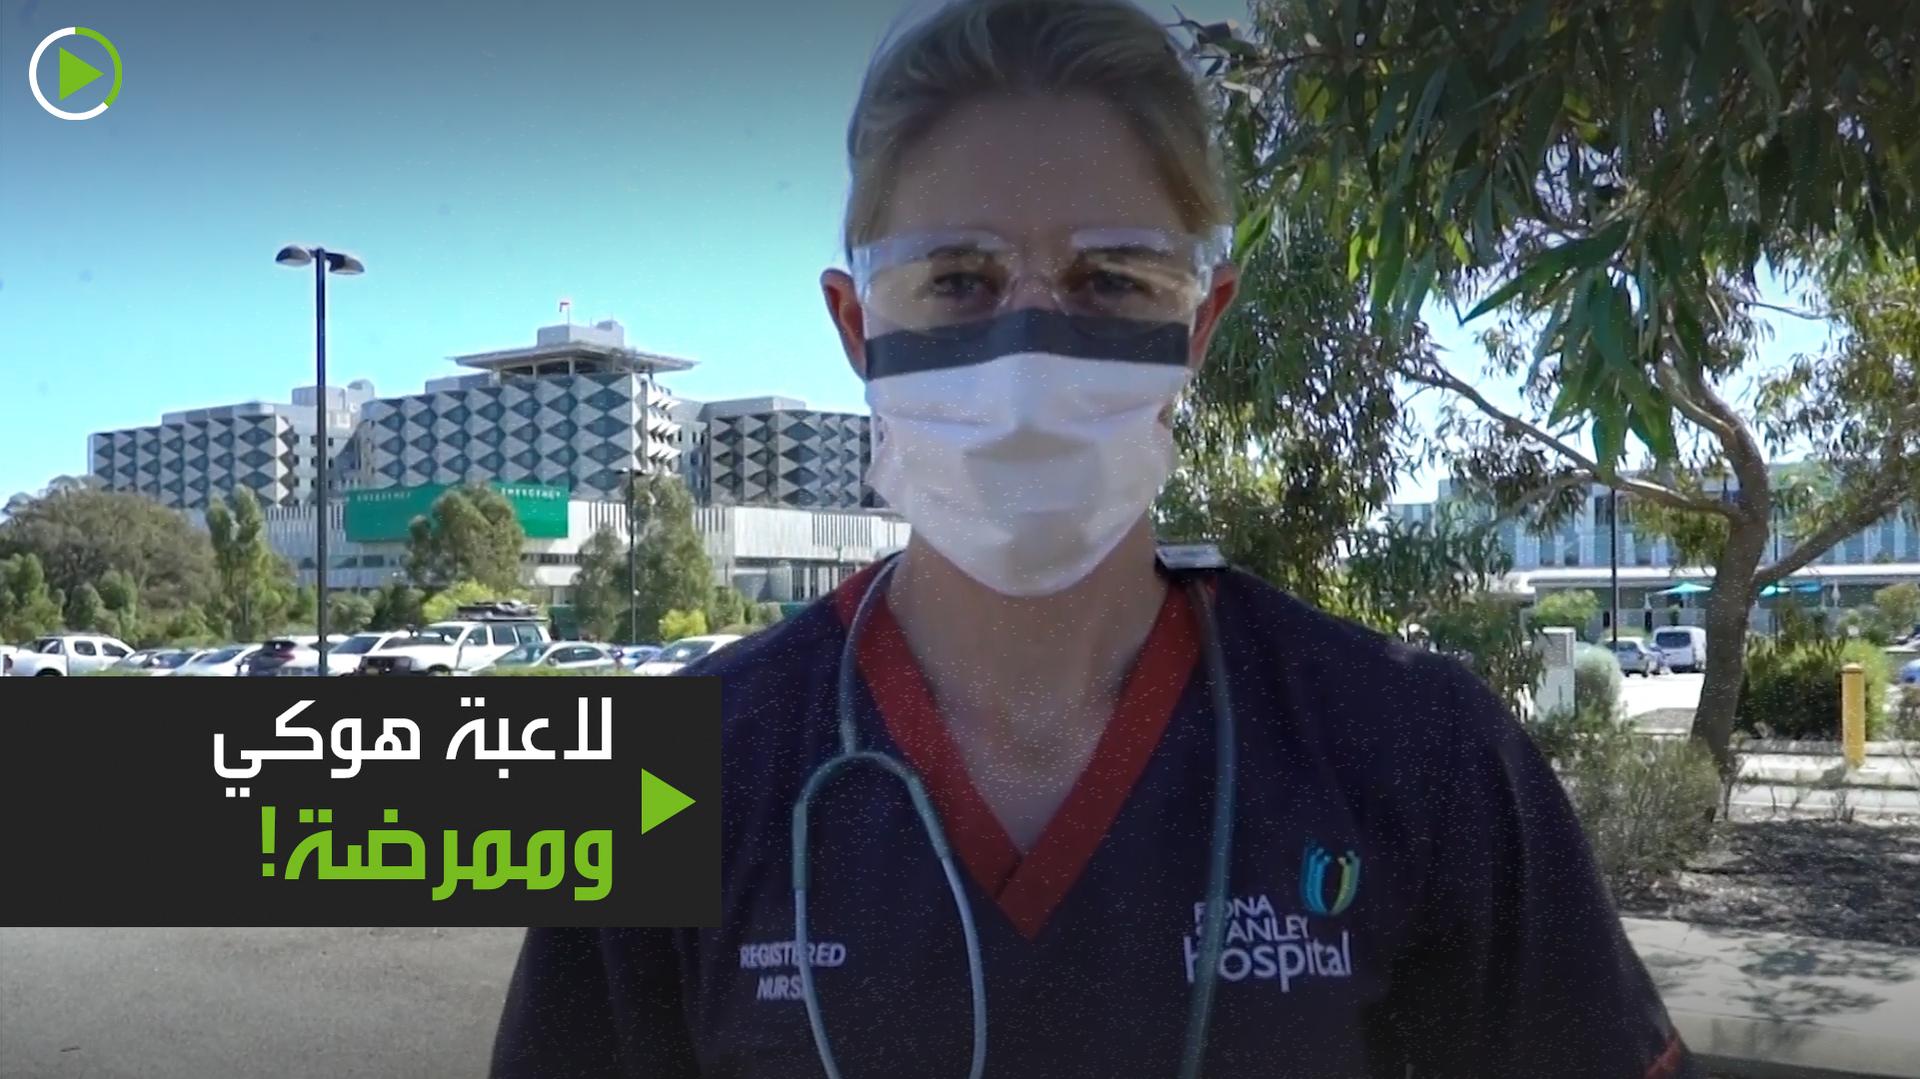 لاعبة هوكي وممرضة!